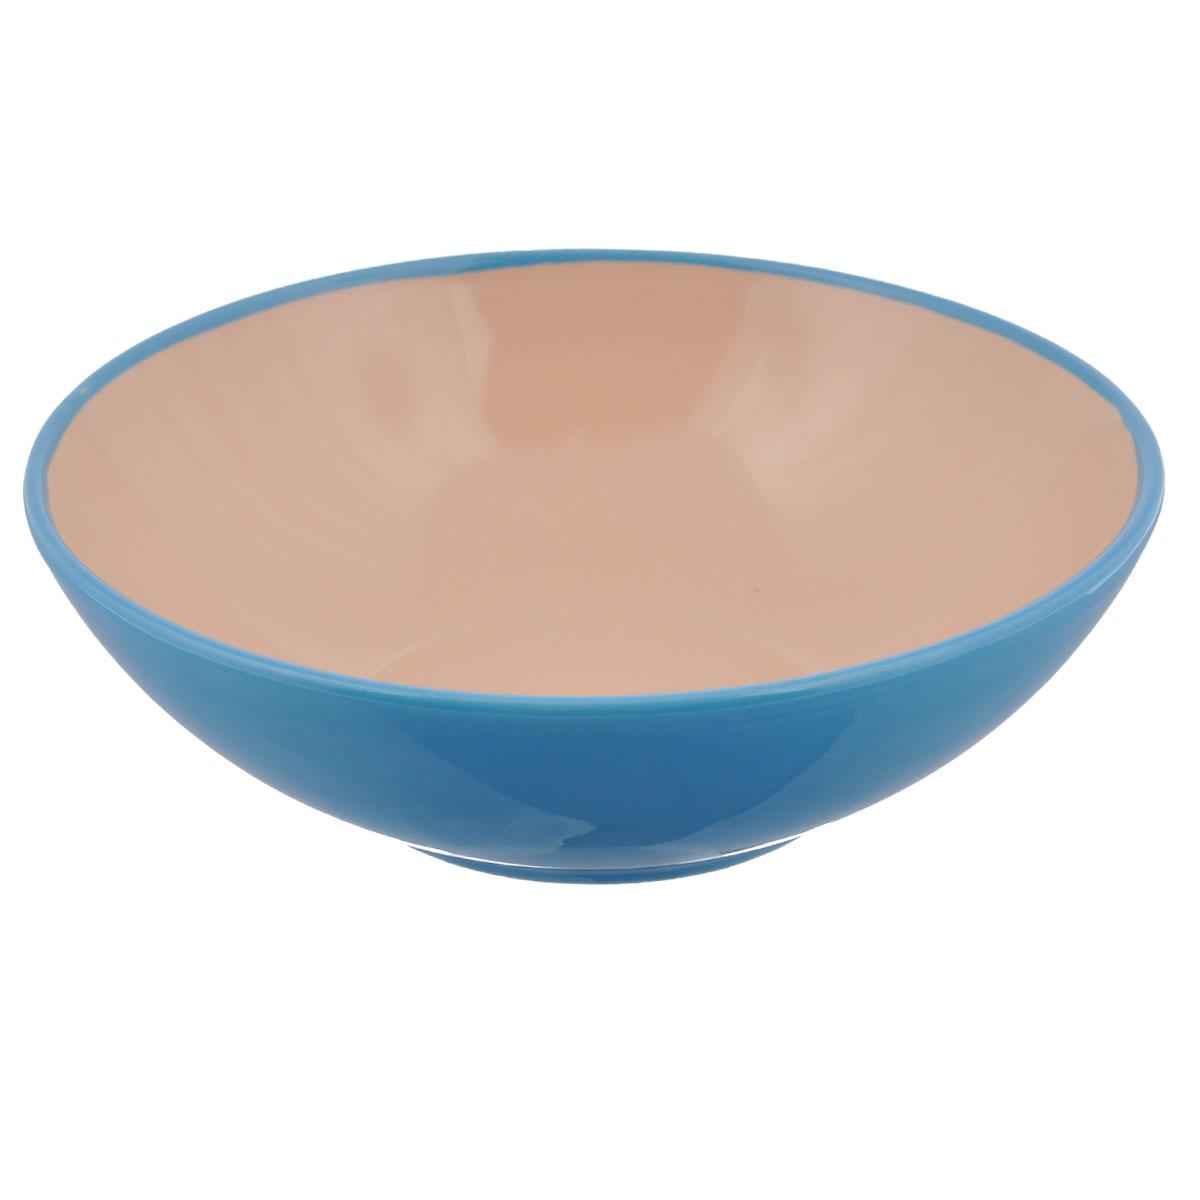 Салатник Shenzhen Xin Tianli, цвет: бирюзовый, 580 мл54 009312Салатник Shenzhen Xin Tianli изготовлен из керамики, покрытой слоем сверкающей глазури. Салатник прекрасно подходит для сервировки салатов, фруктов, ягод и других продуктов. Яркий дизайн стильно украсит стол. Идеальный вариант для ежедневного использования. Объем: 580 мл. Диаметр салатника (по верхнему краю): 18 см. Высота стенки салатника: 6 см.